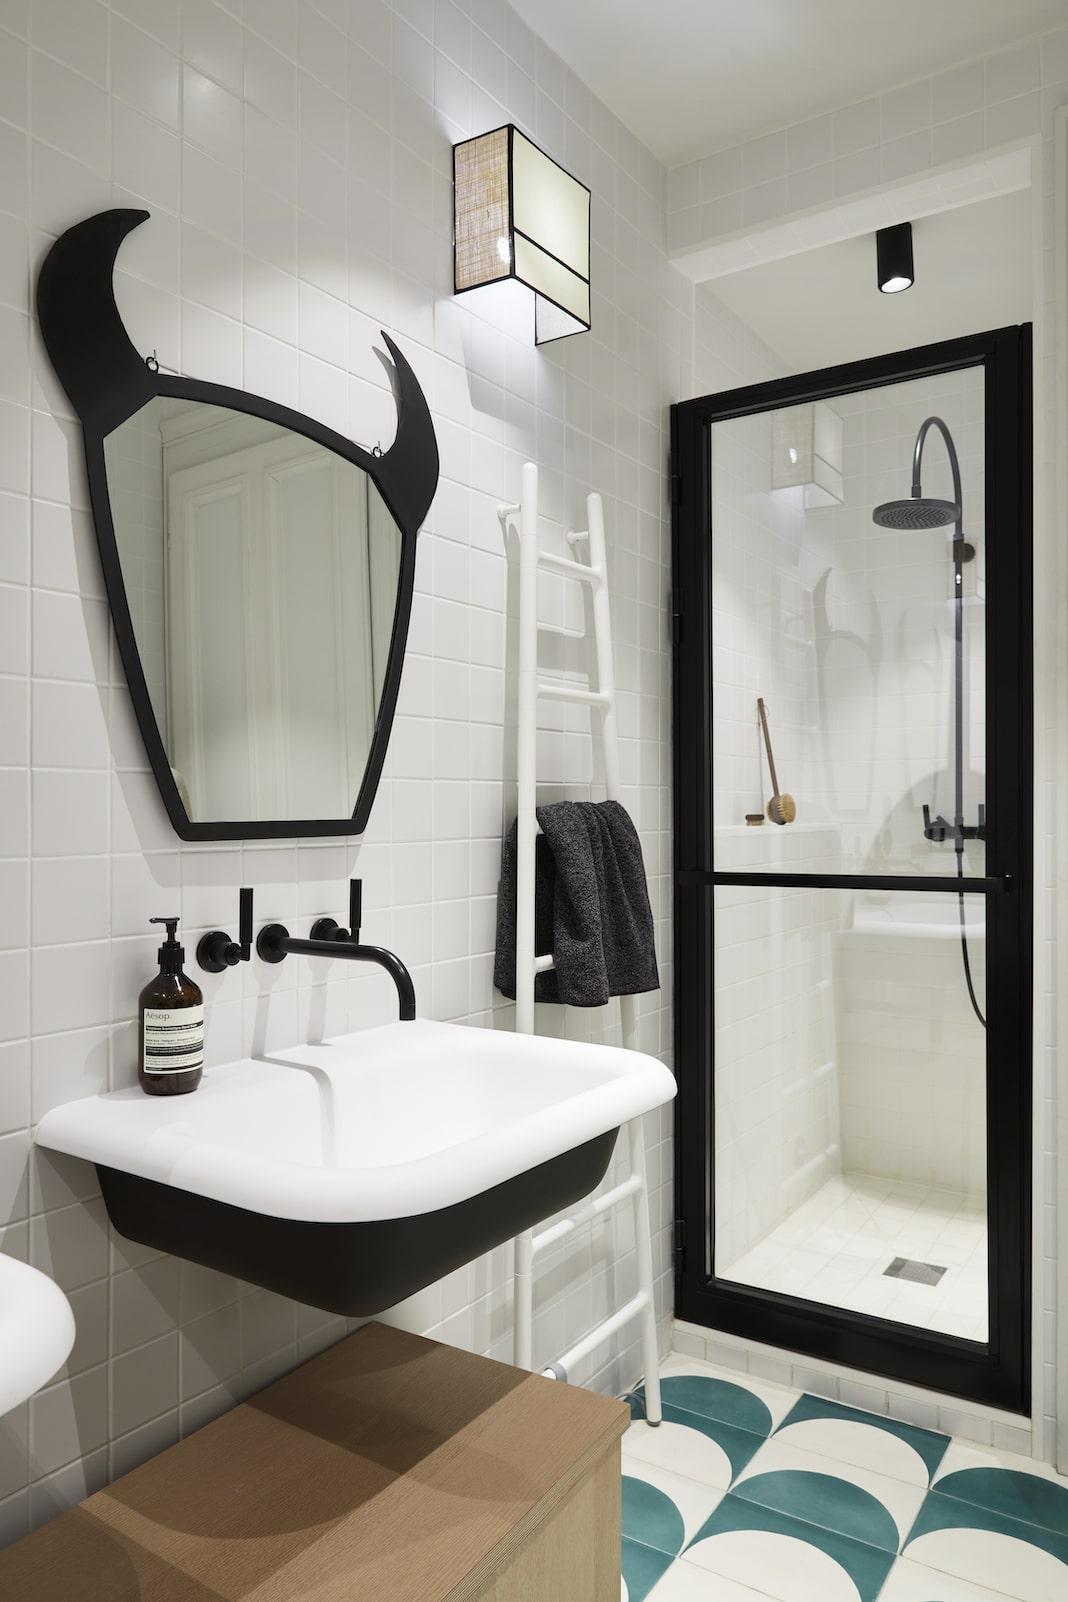 salle de bains design aux murs blancs avec un lavabo et une douche ceinturés de noir